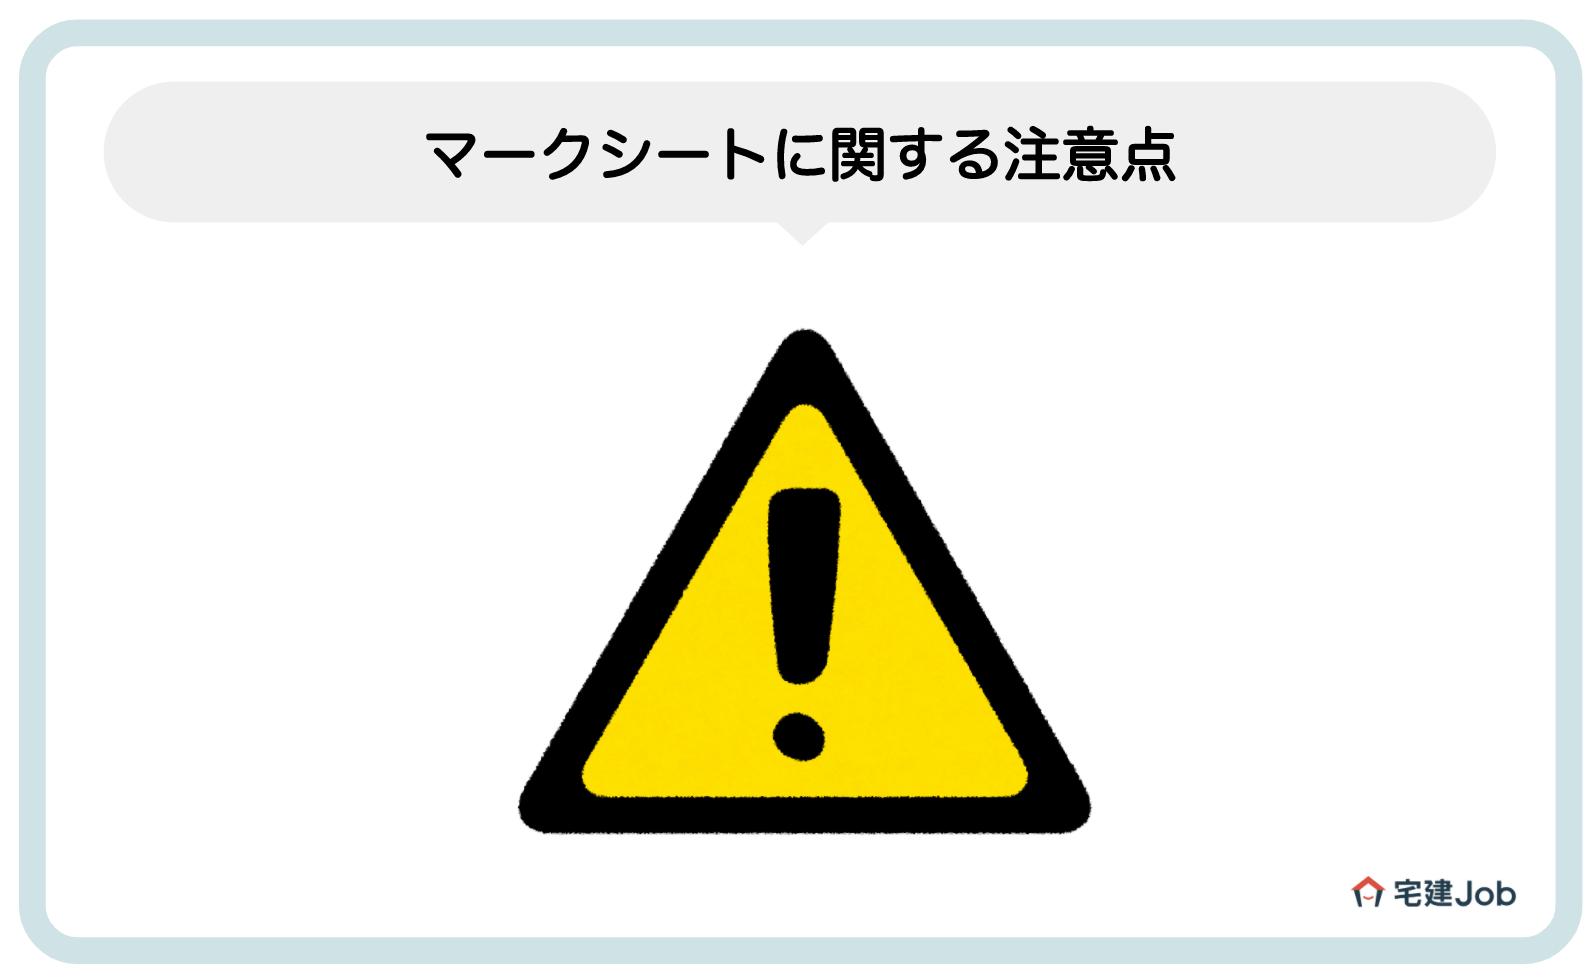 3.宅建のマークシートに関する5つの注意点【ミス予防】